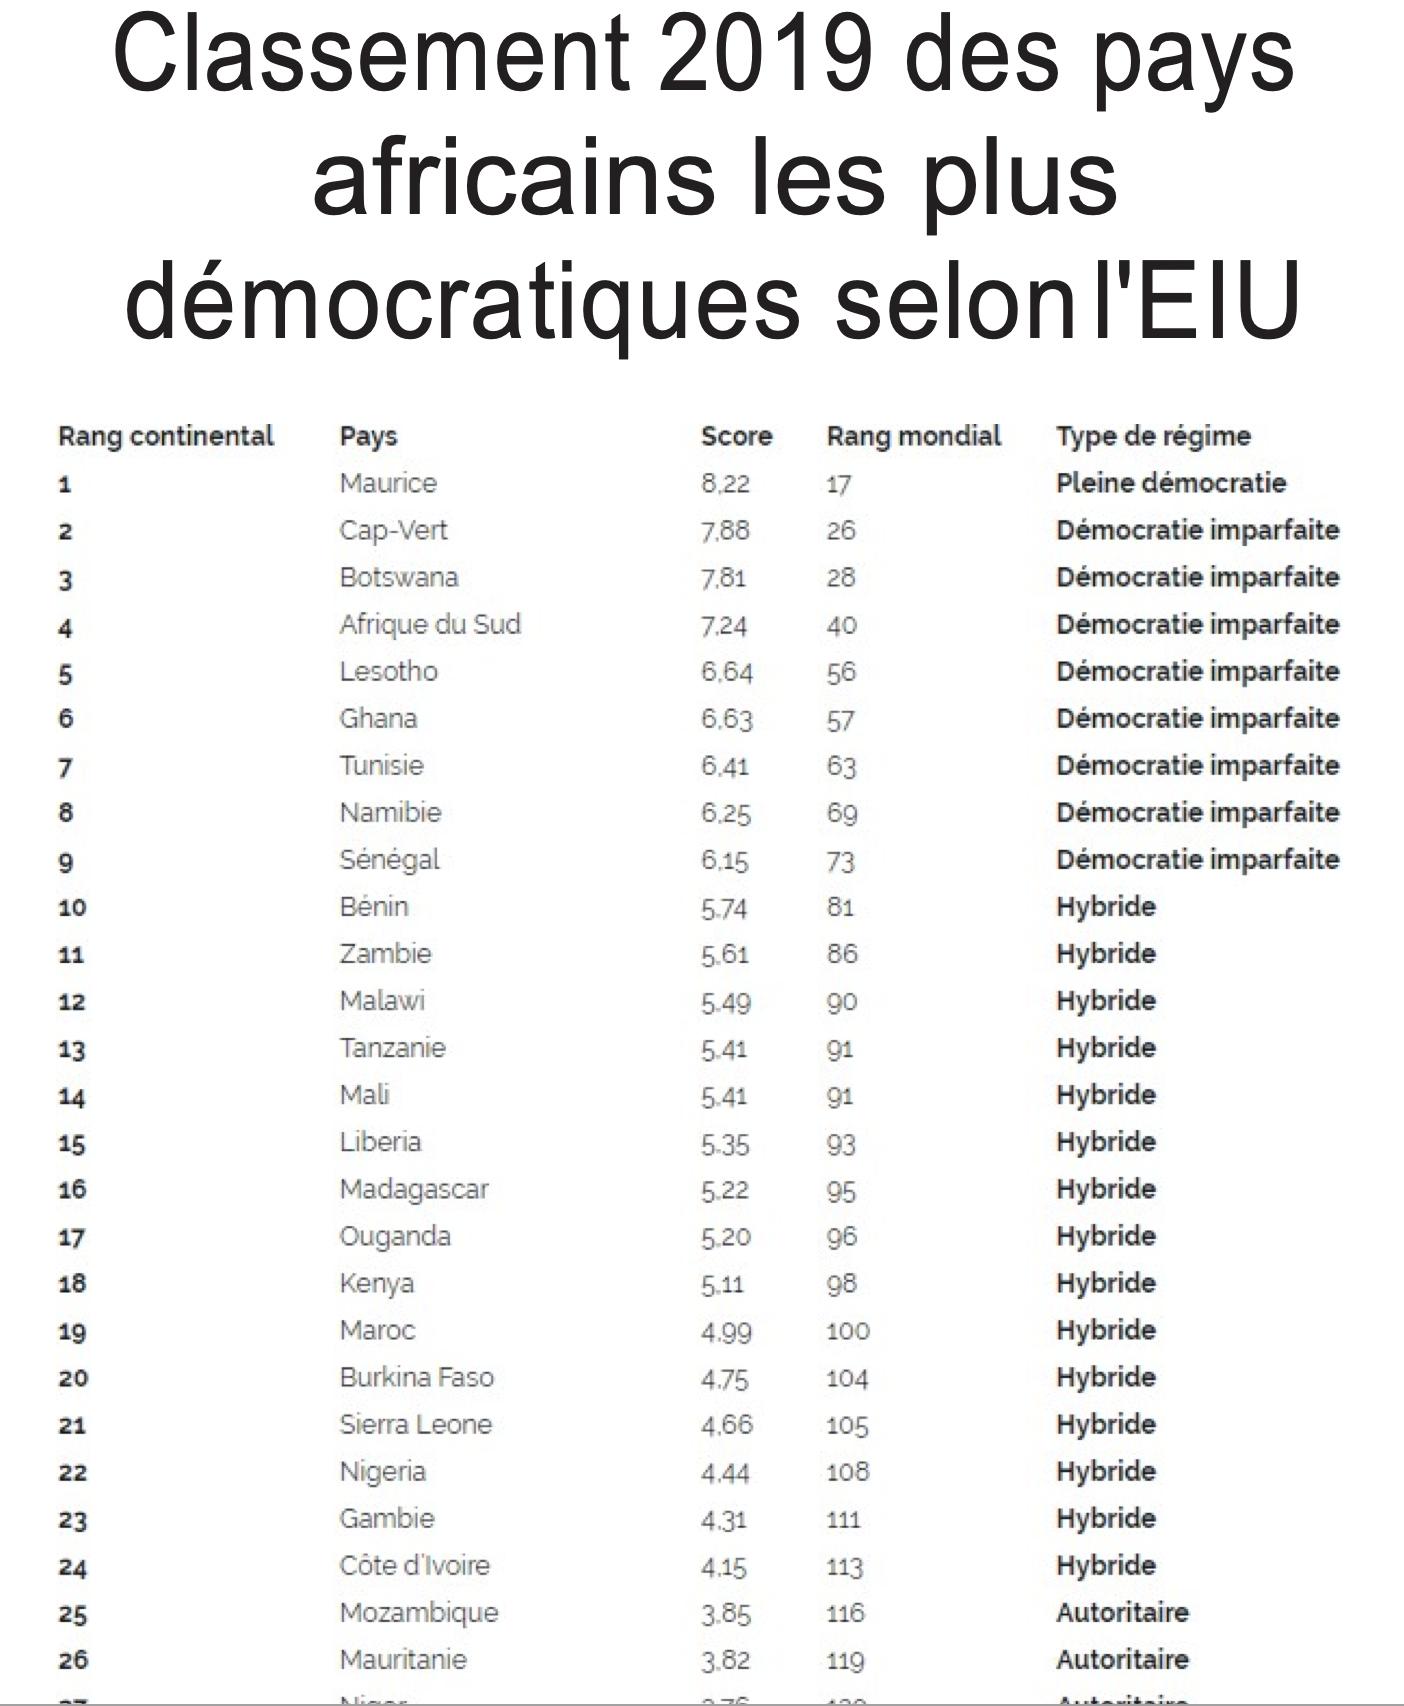 2019 : Le Sénégal est la 9ème démocratie africaine selon l'EIU